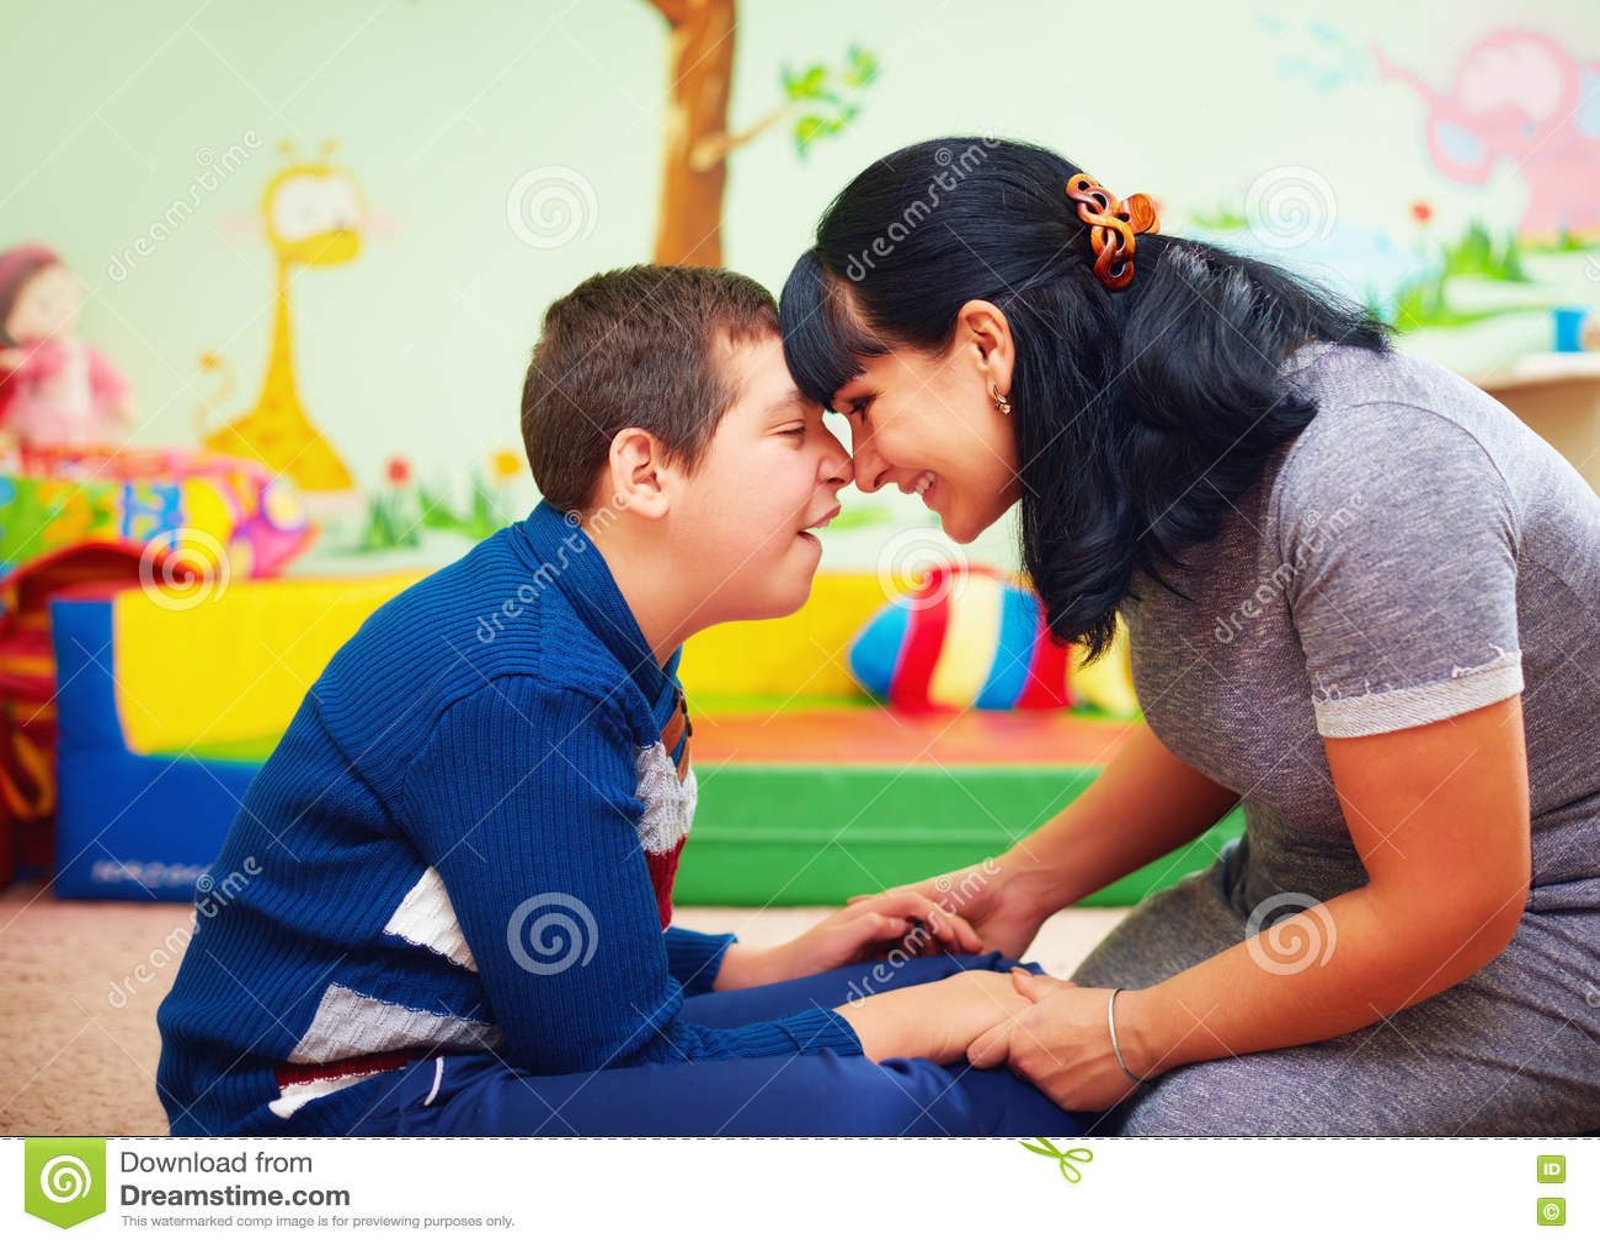 Momento com alma retrato da mãe e de seu filho amado com inabilidade no centro de reabilitação